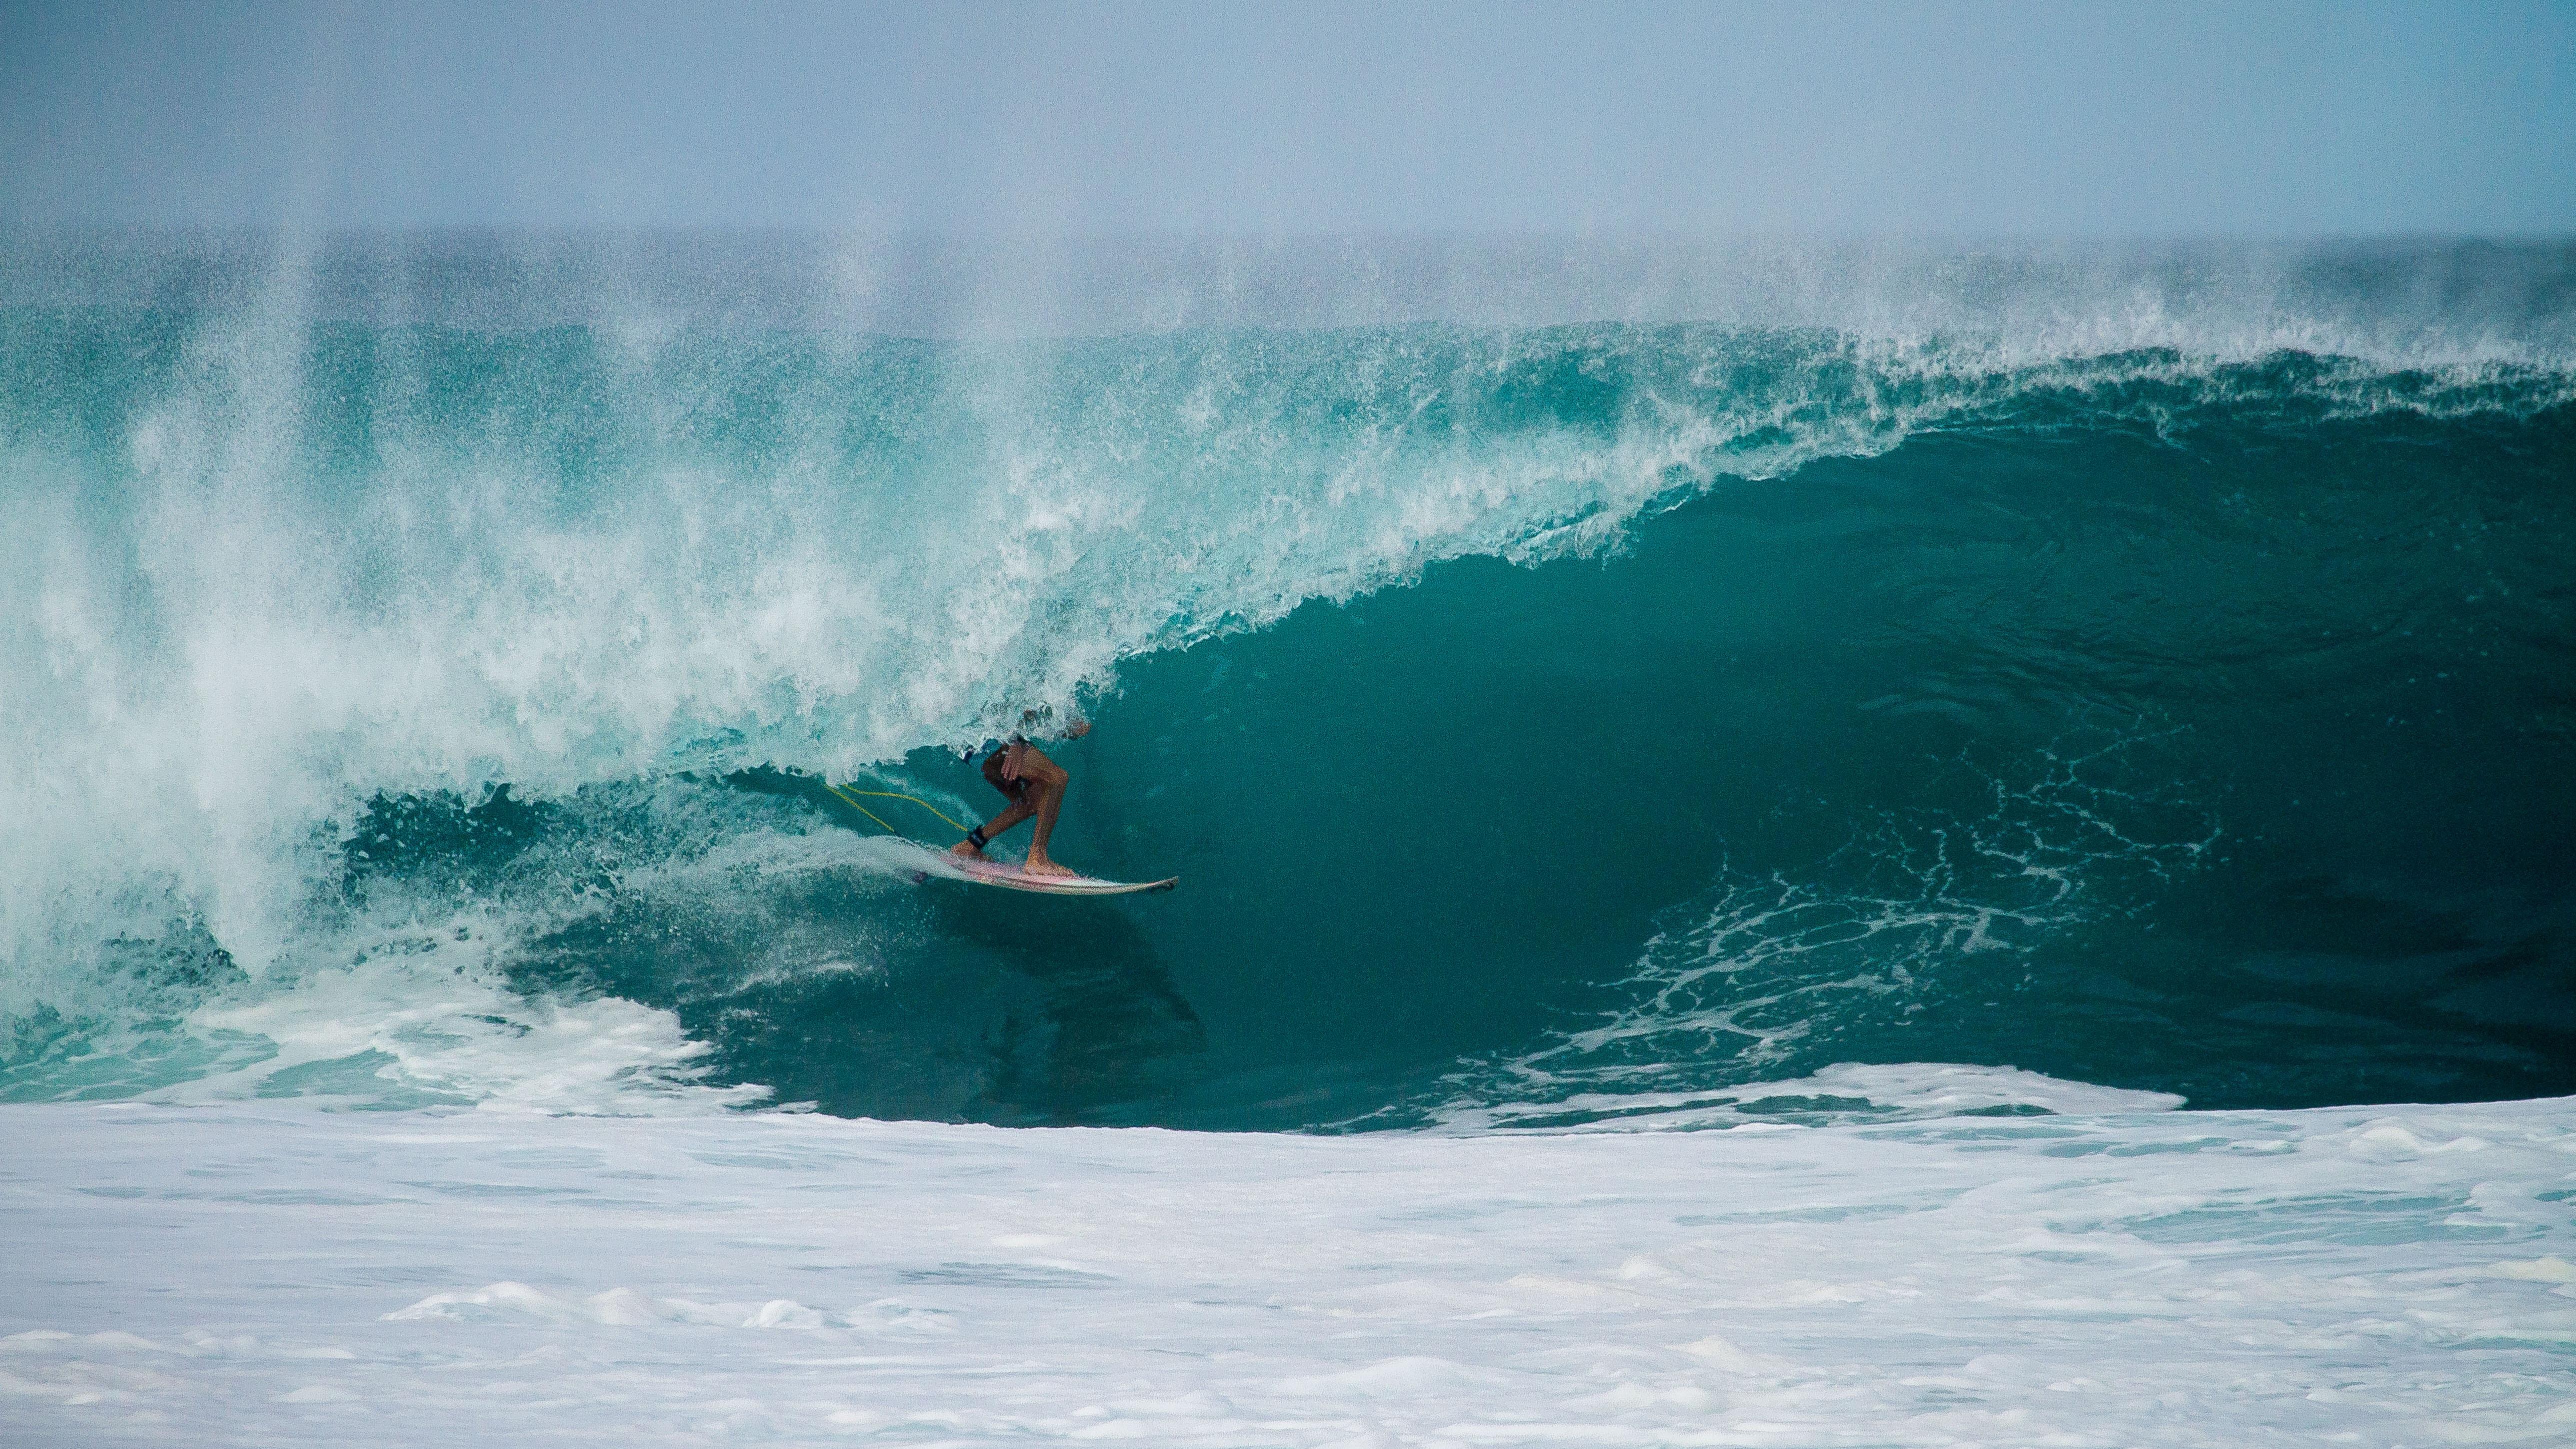 8-raisons-de-partir-en-vacances-a-hawai-surf